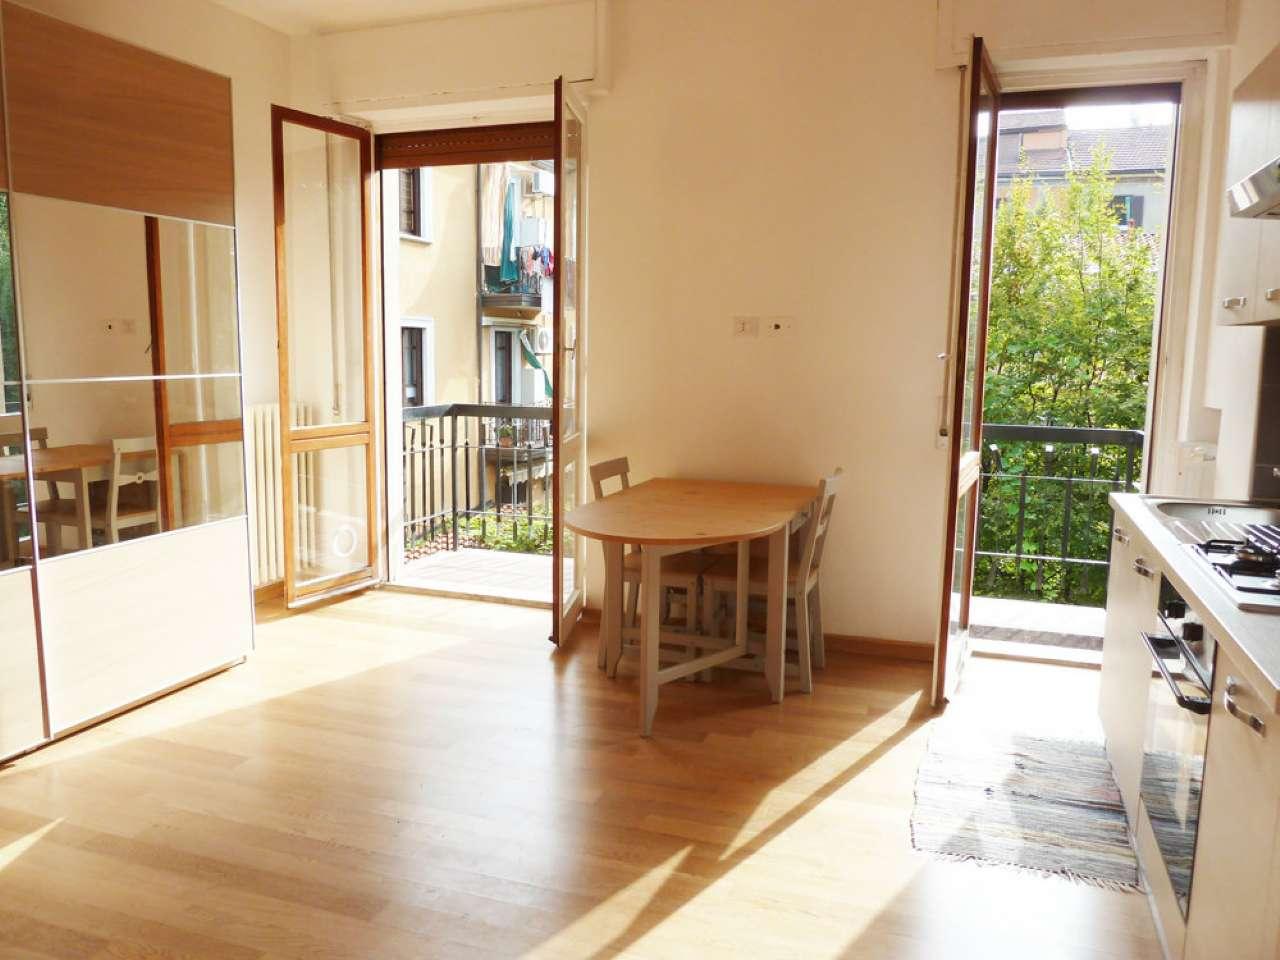 Appartamento in affitto a Milano, 1 locali, zona Zona: 5 . Citta' Studi, Lambrate, Udine, Loreto, Piola, Ortica, prezzo € 604 | CambioCasa.it